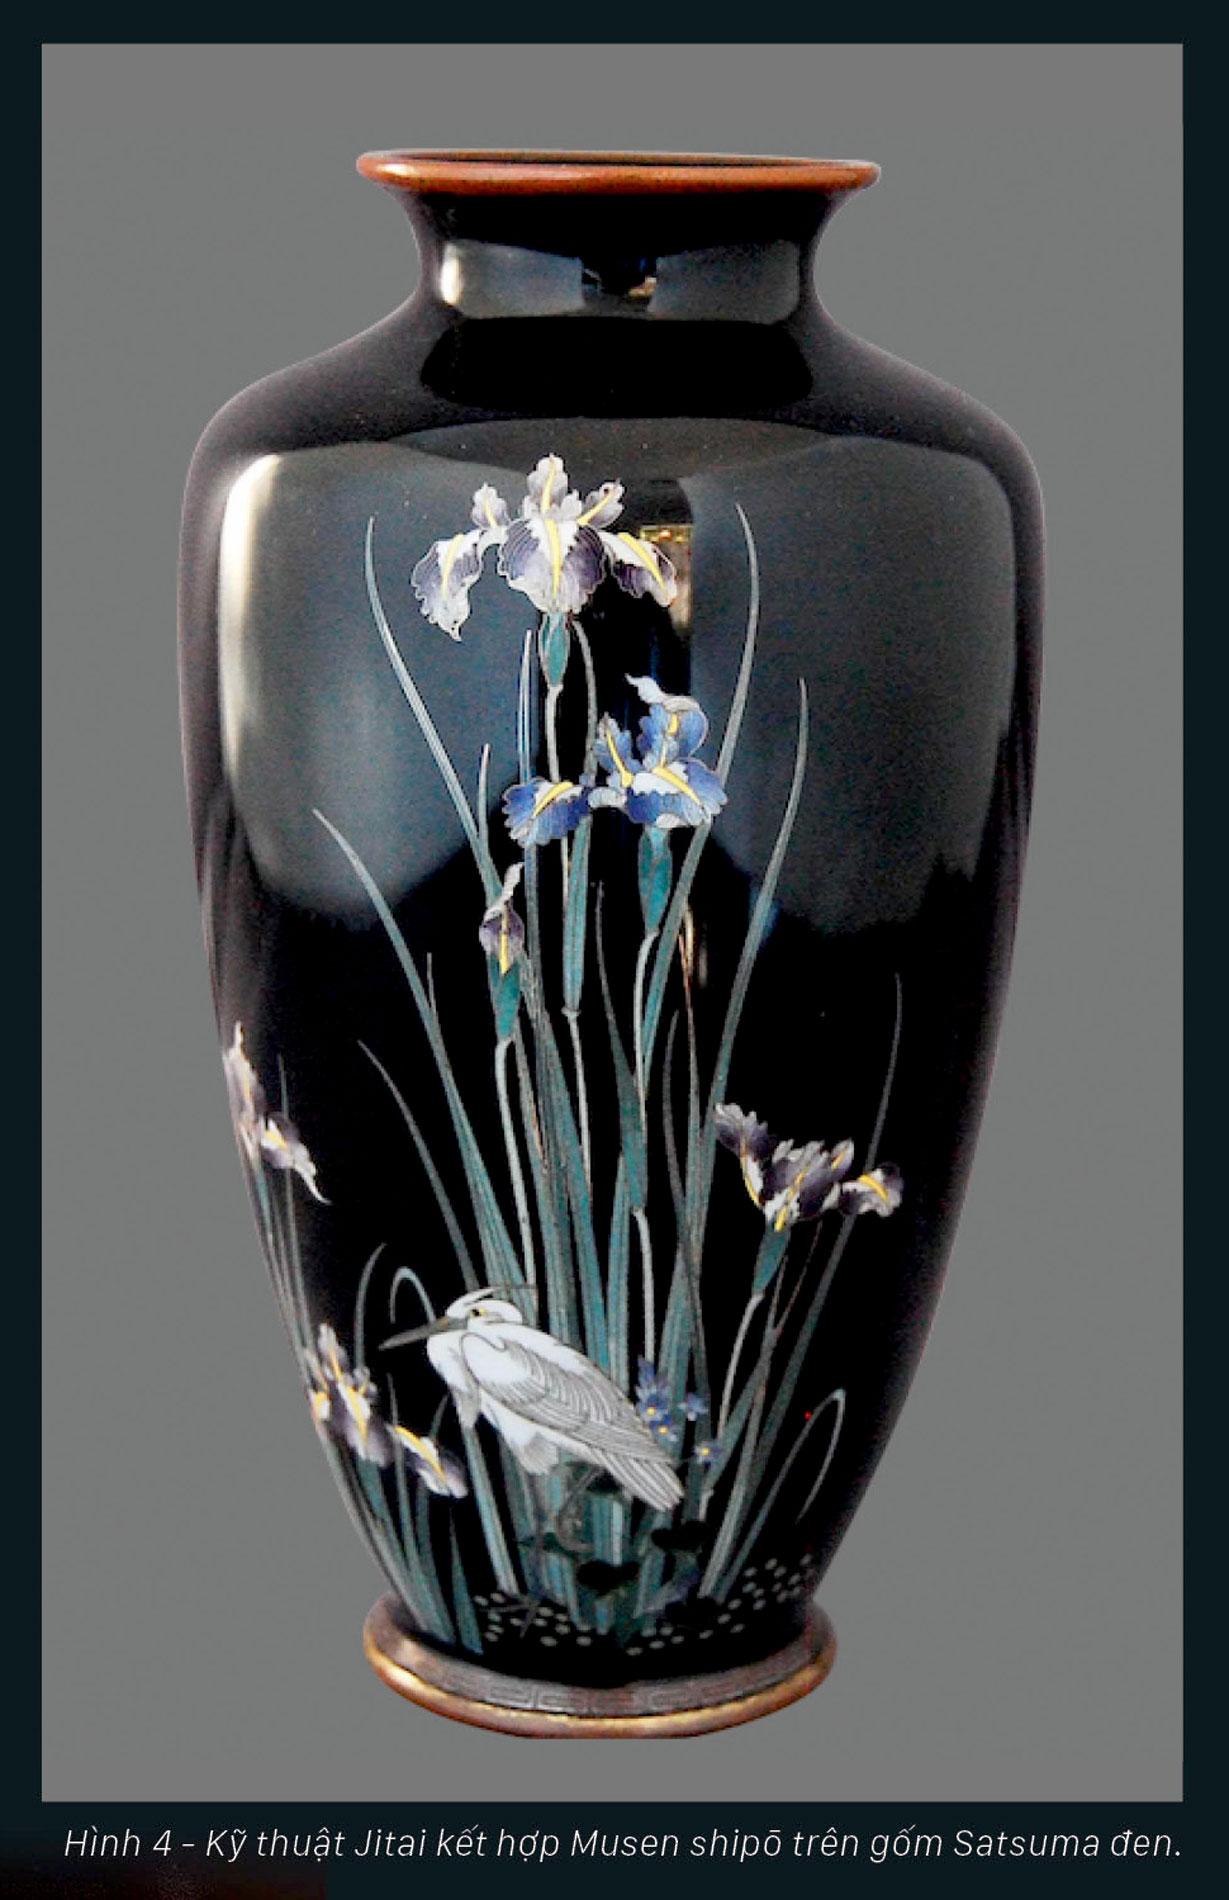 Shipō Yaki - Nghệ thuật pháp lang hoàn mỹ Nhật Bản ảnh 4